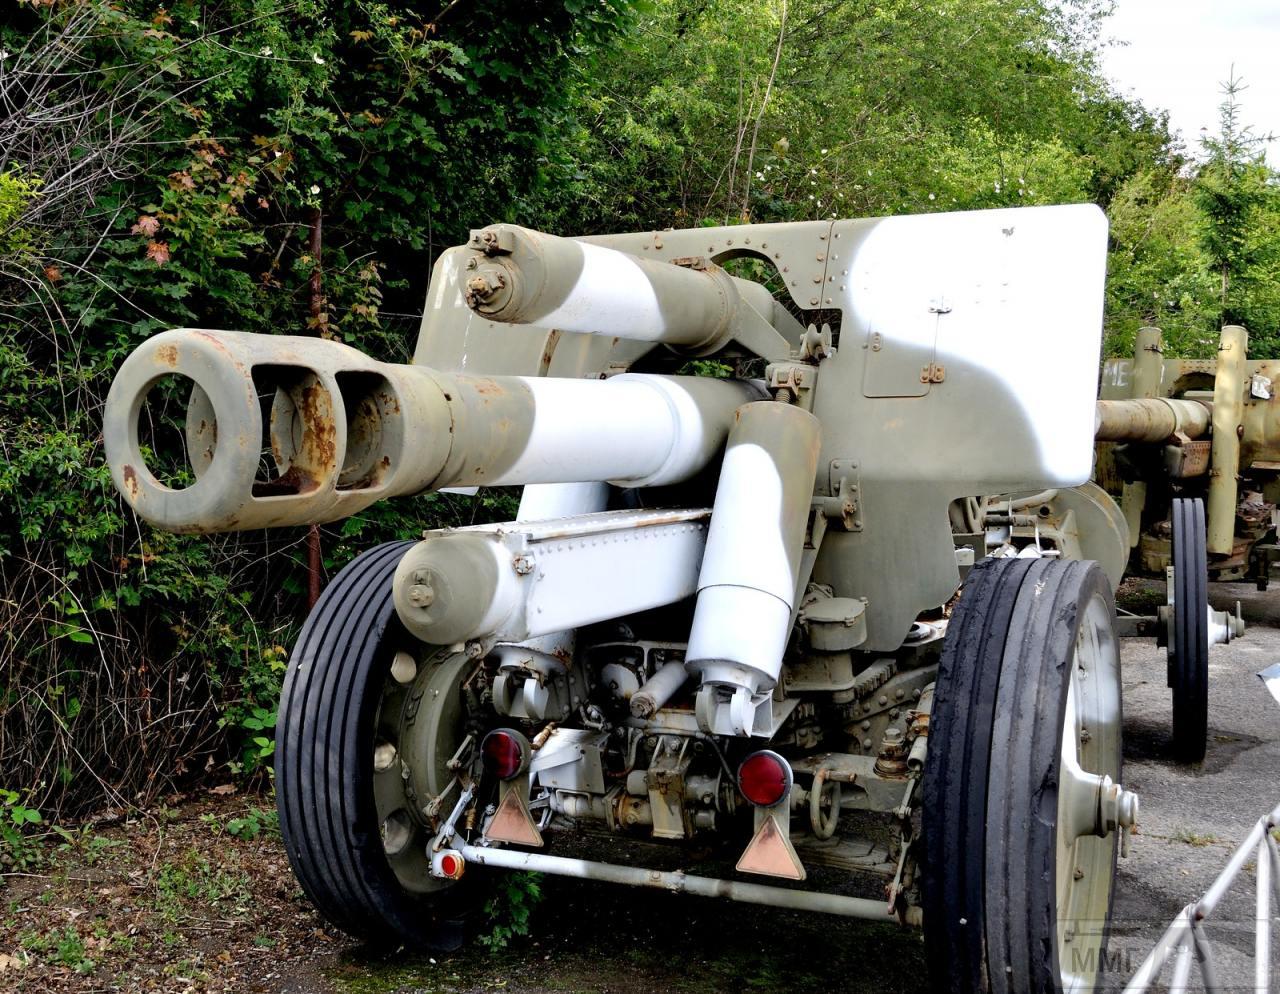 87812 - Немецкая артиллерия второй мировой